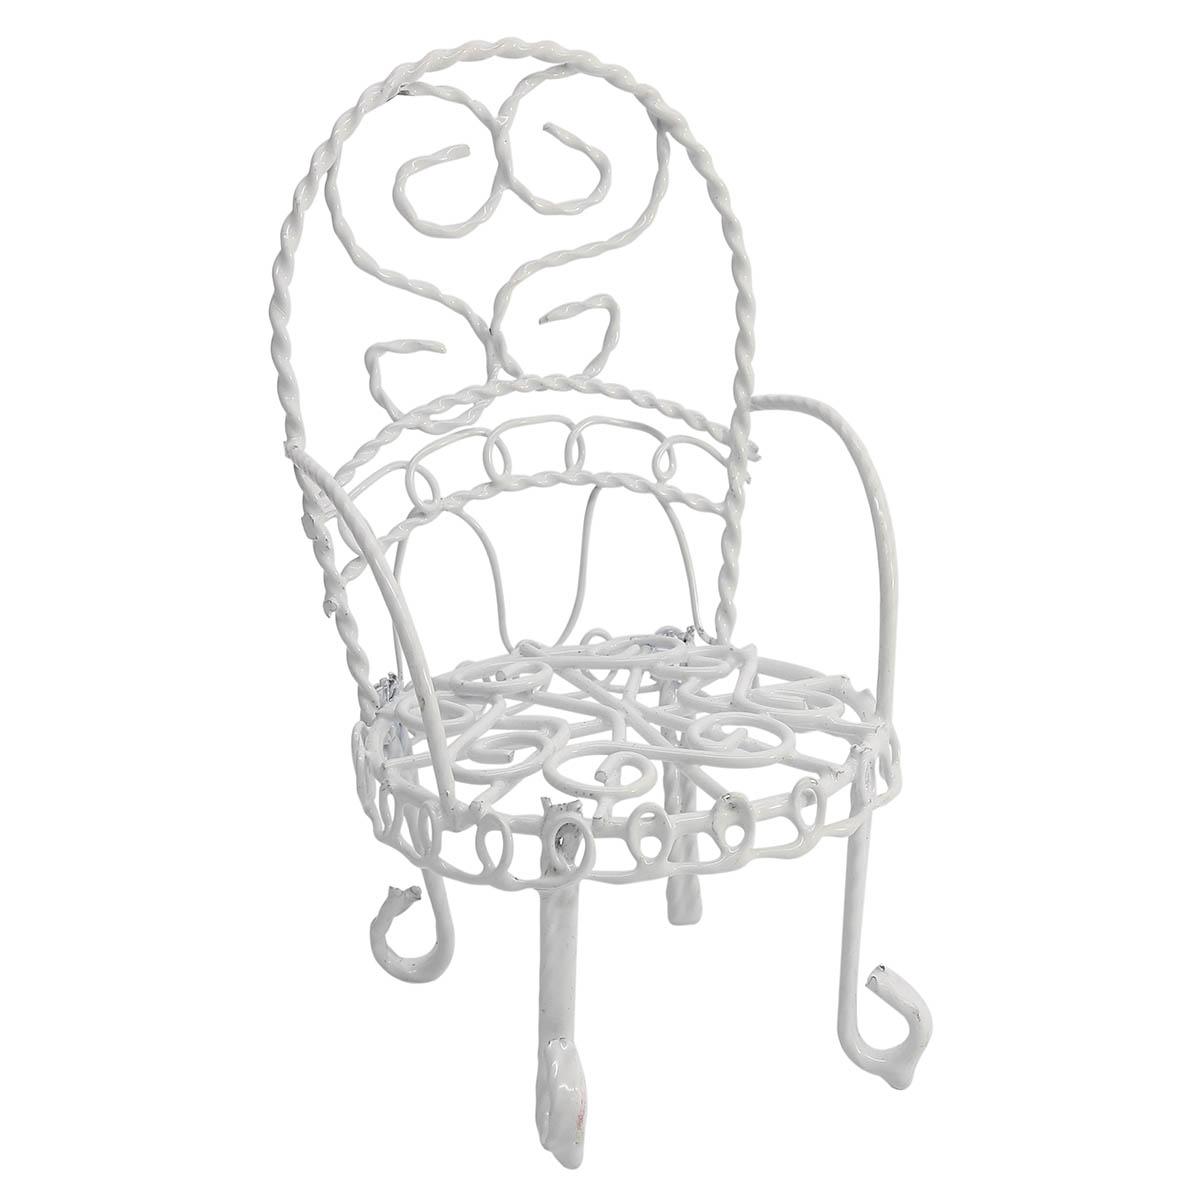 Мебель для куклы АЙРИС металлическое мини-кресло 2, 5 x 10 x 5 см